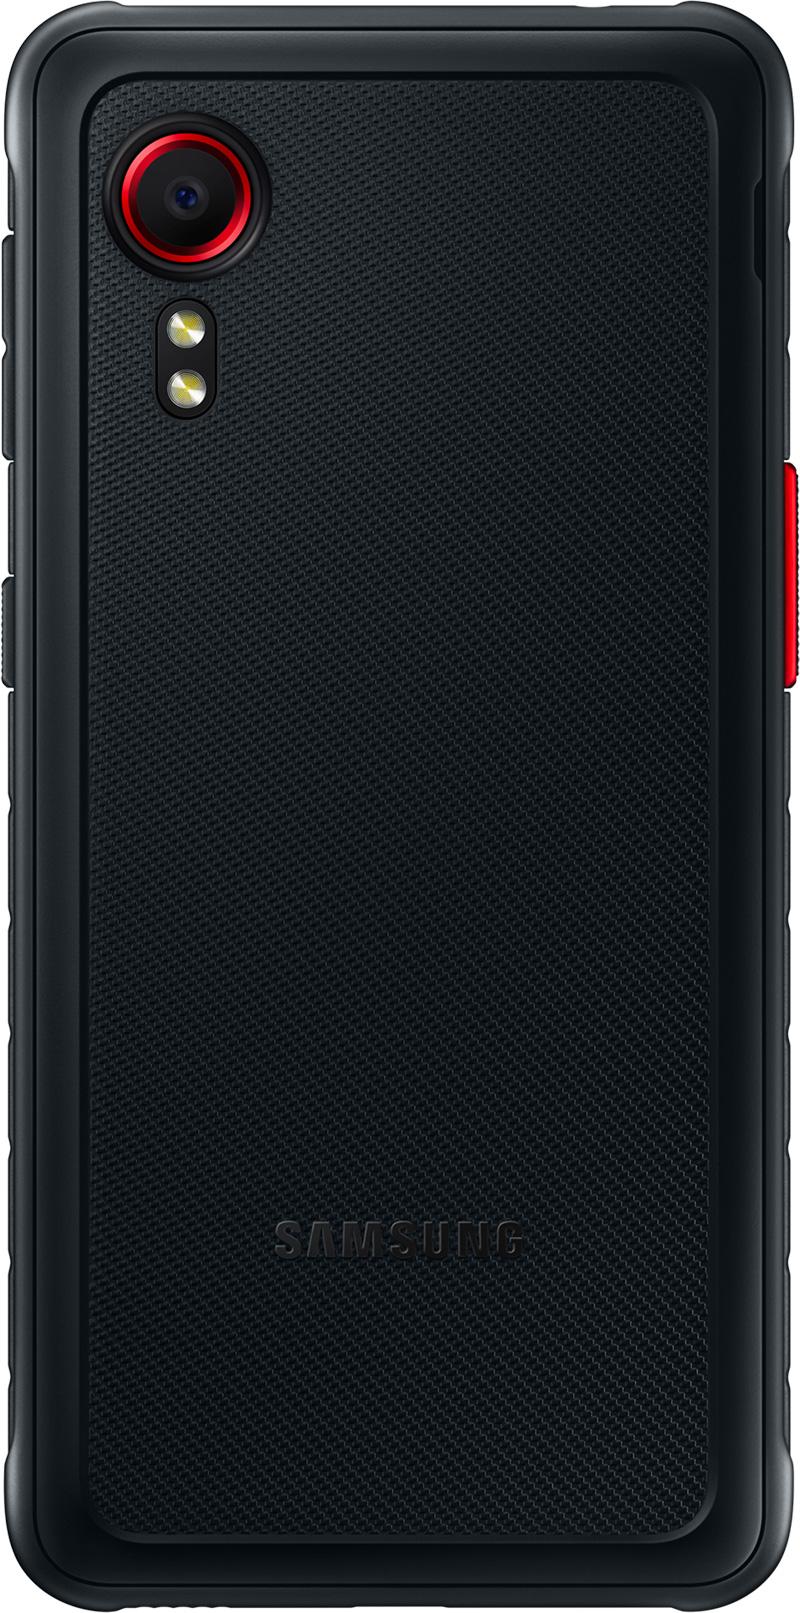 Samsung Xcover 5 EE 4G noir 64 Go noir 64Go